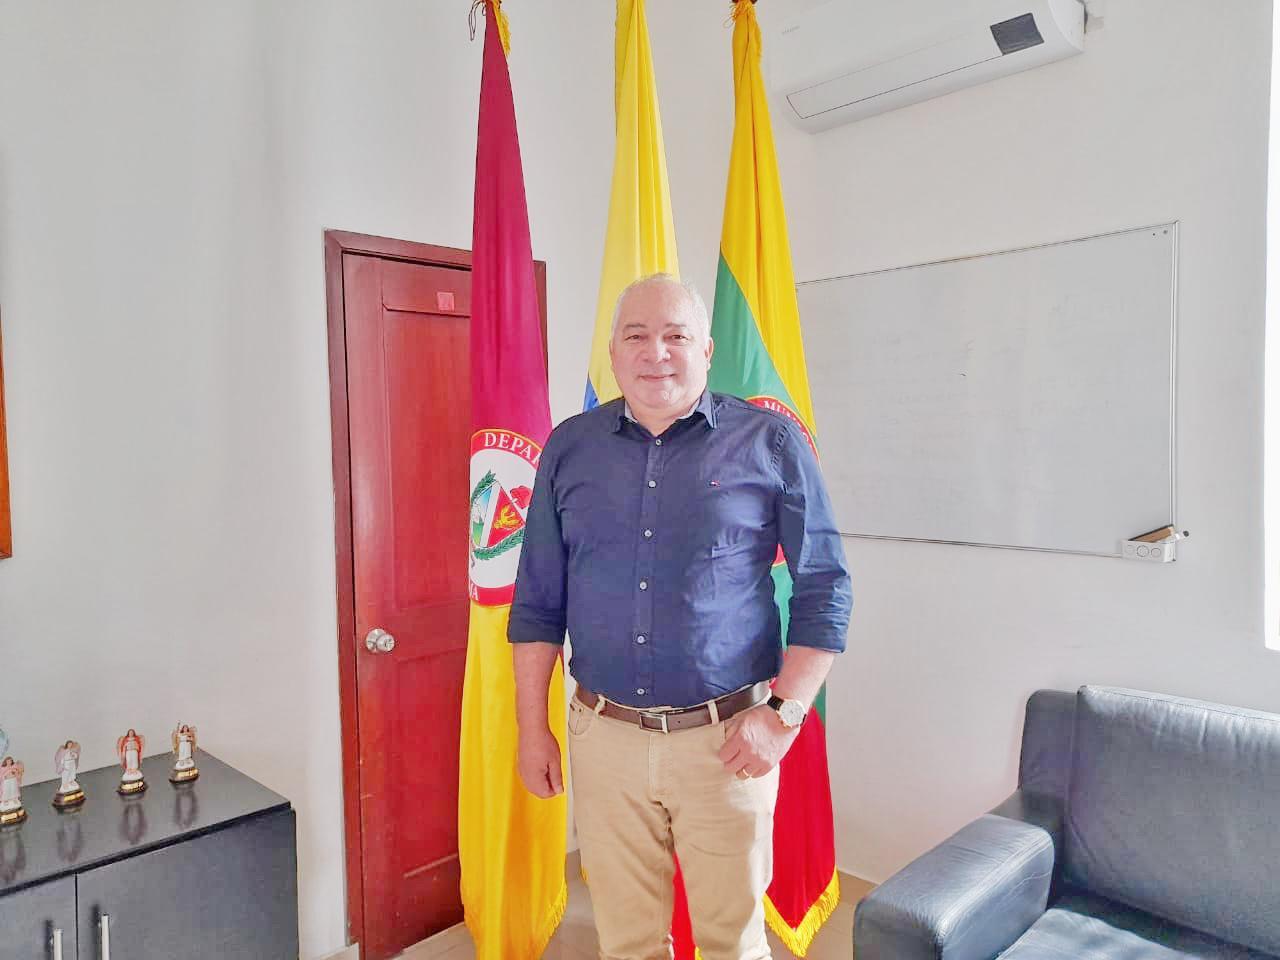 Alcalde Andrés Hurtado posesionó al nuevo Secretario de Hacienda